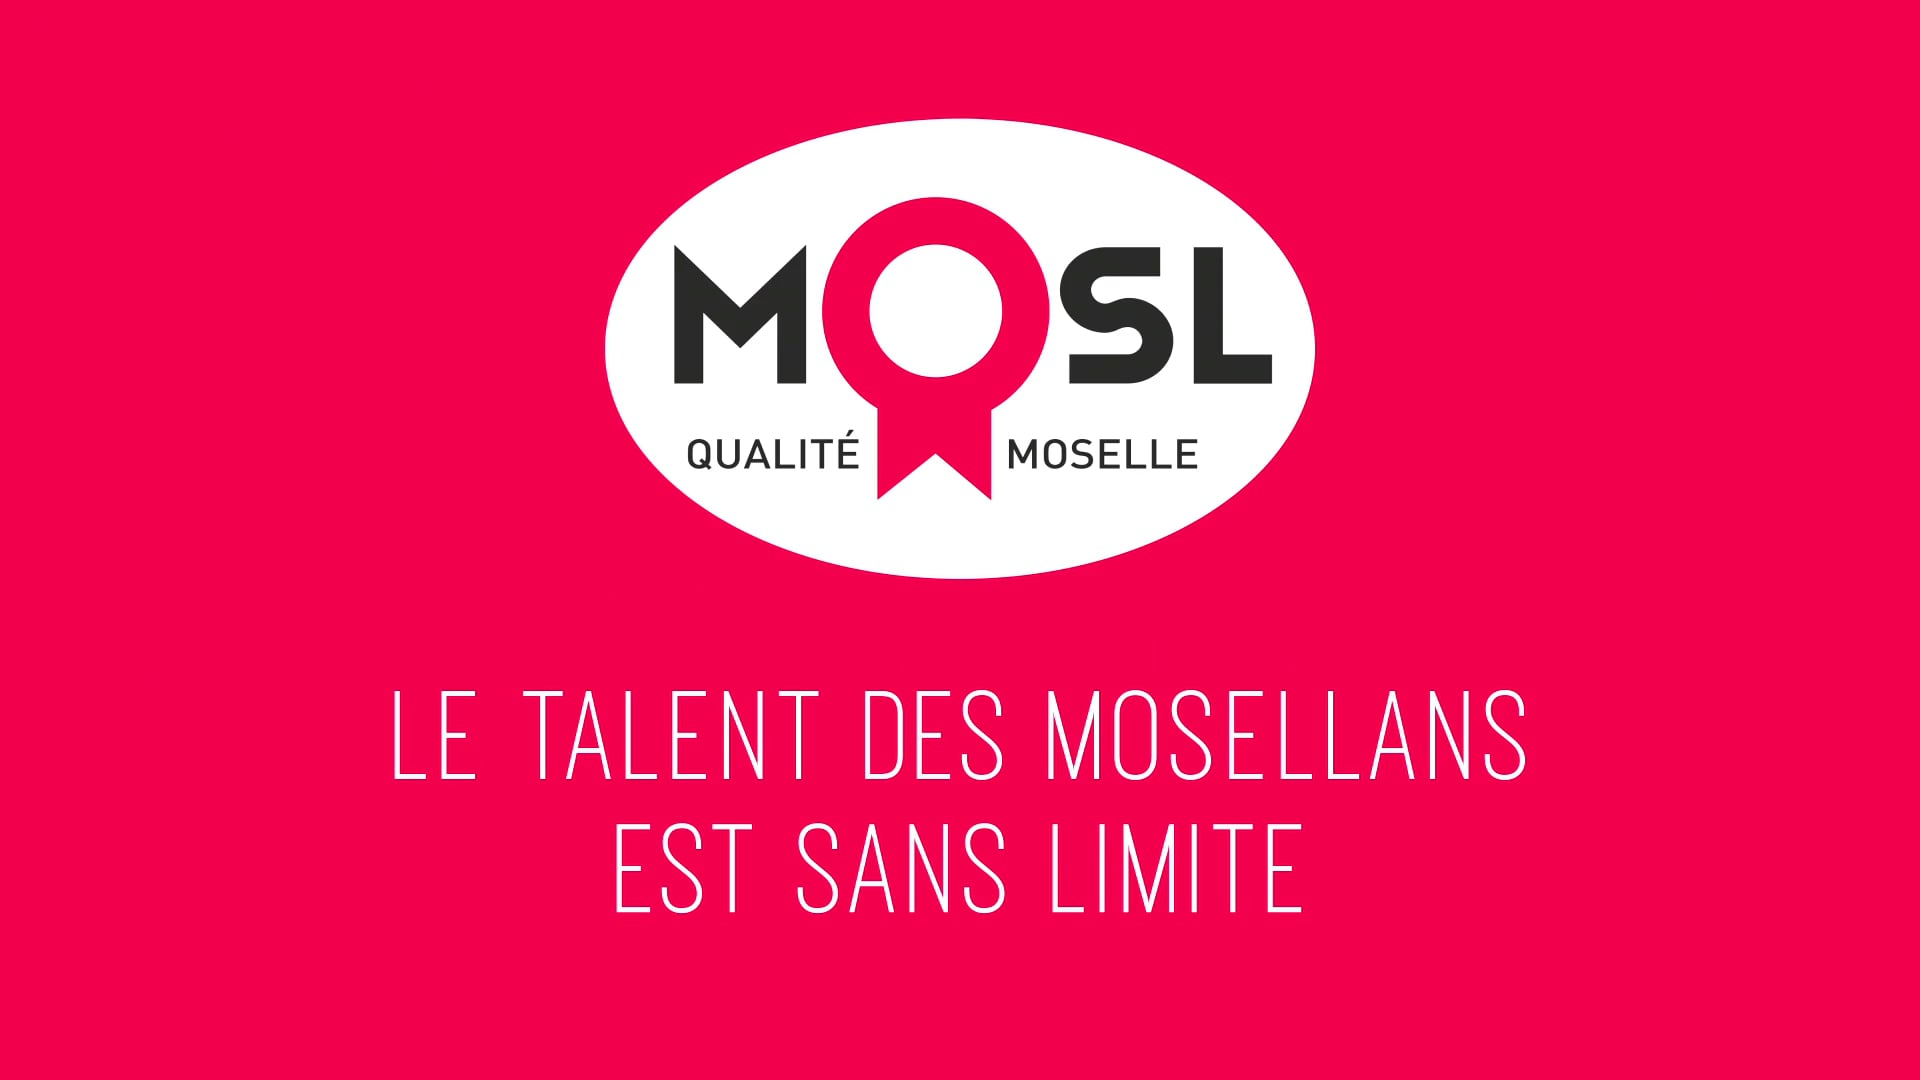 Moselle Sans Limite - Les restaurants mosellans vous régalent